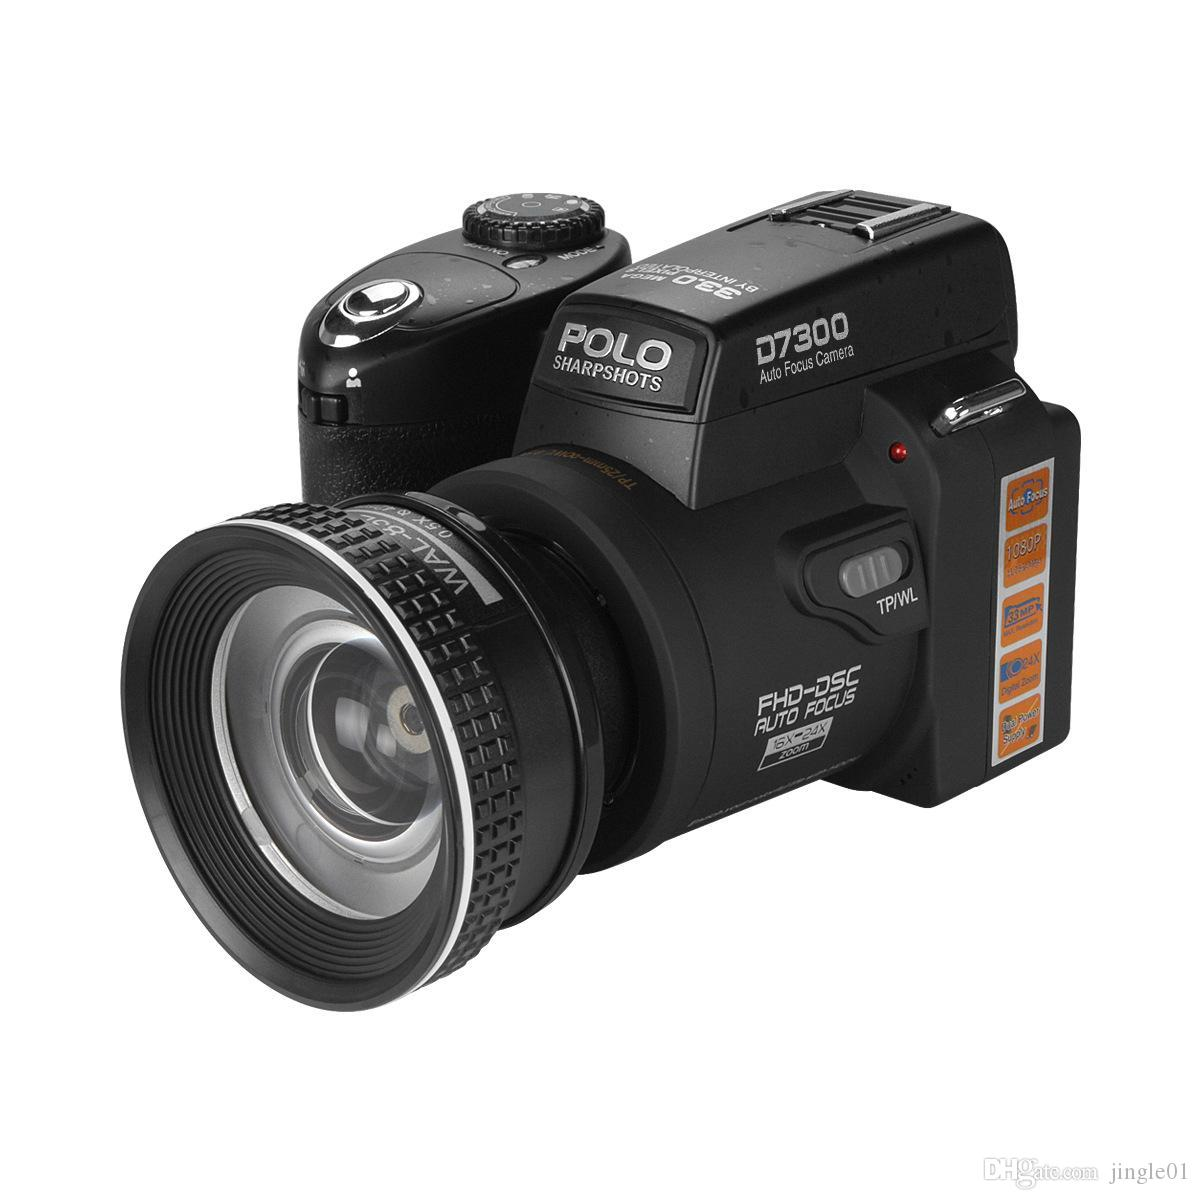 DHL Polo D7300 Цифровая камера HD1080P 3.0LCD 24 раза Оптический зум 33 миллиона пикселей, 3 режима Дополнительный свет, трех ног рама